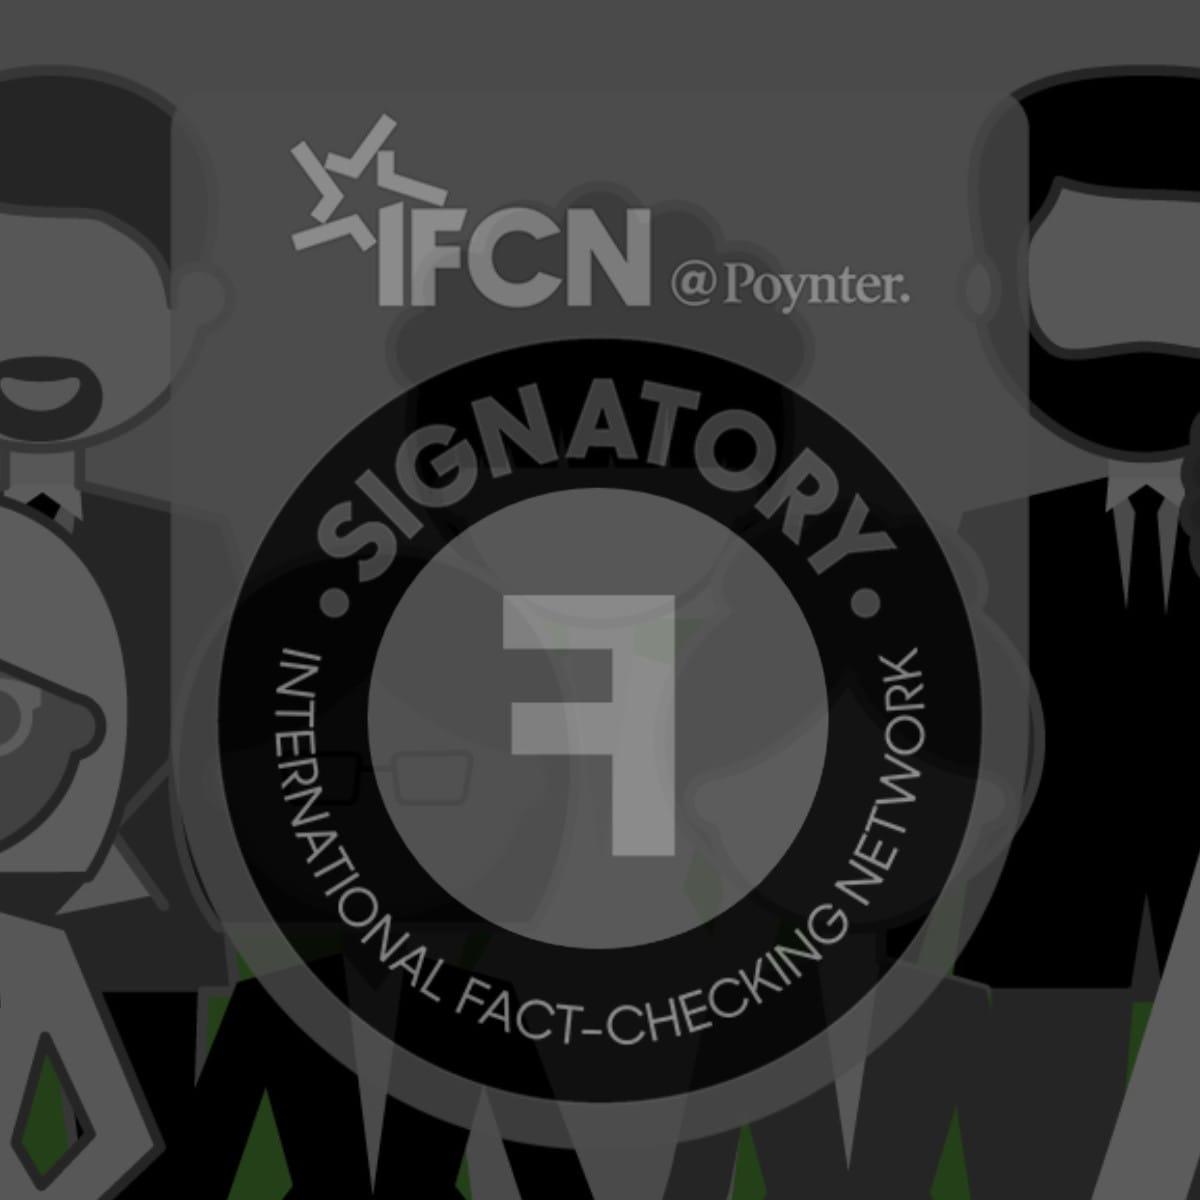 Członkostwo w IFCN